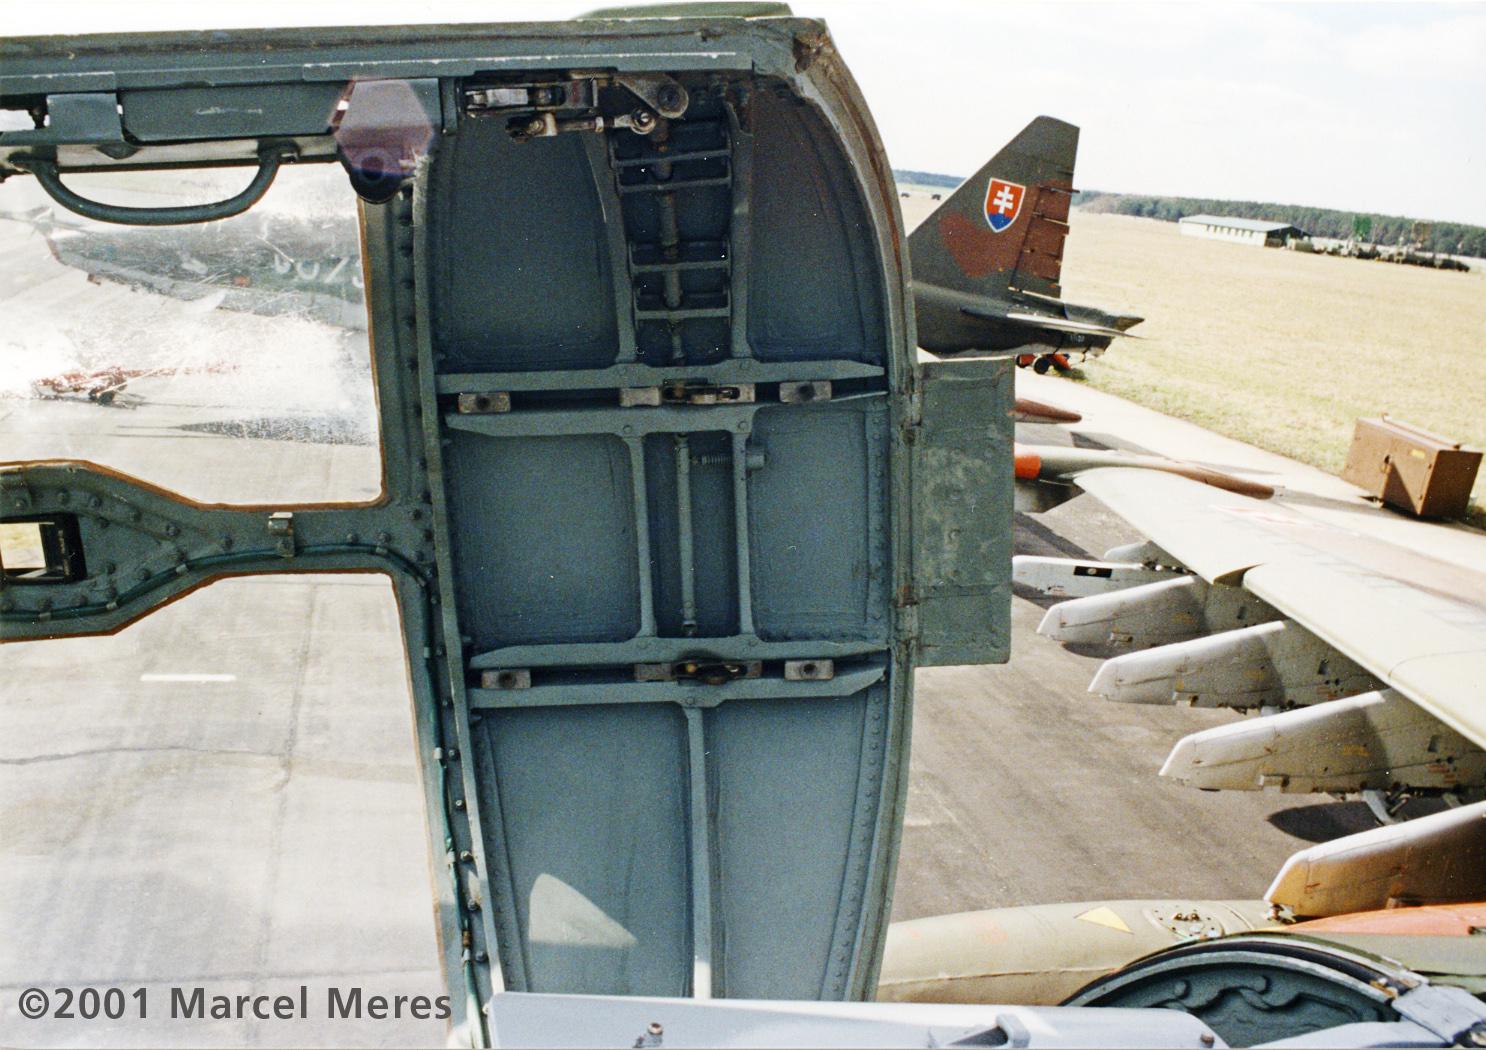 Su-25, Slovak AF, Canopy structure